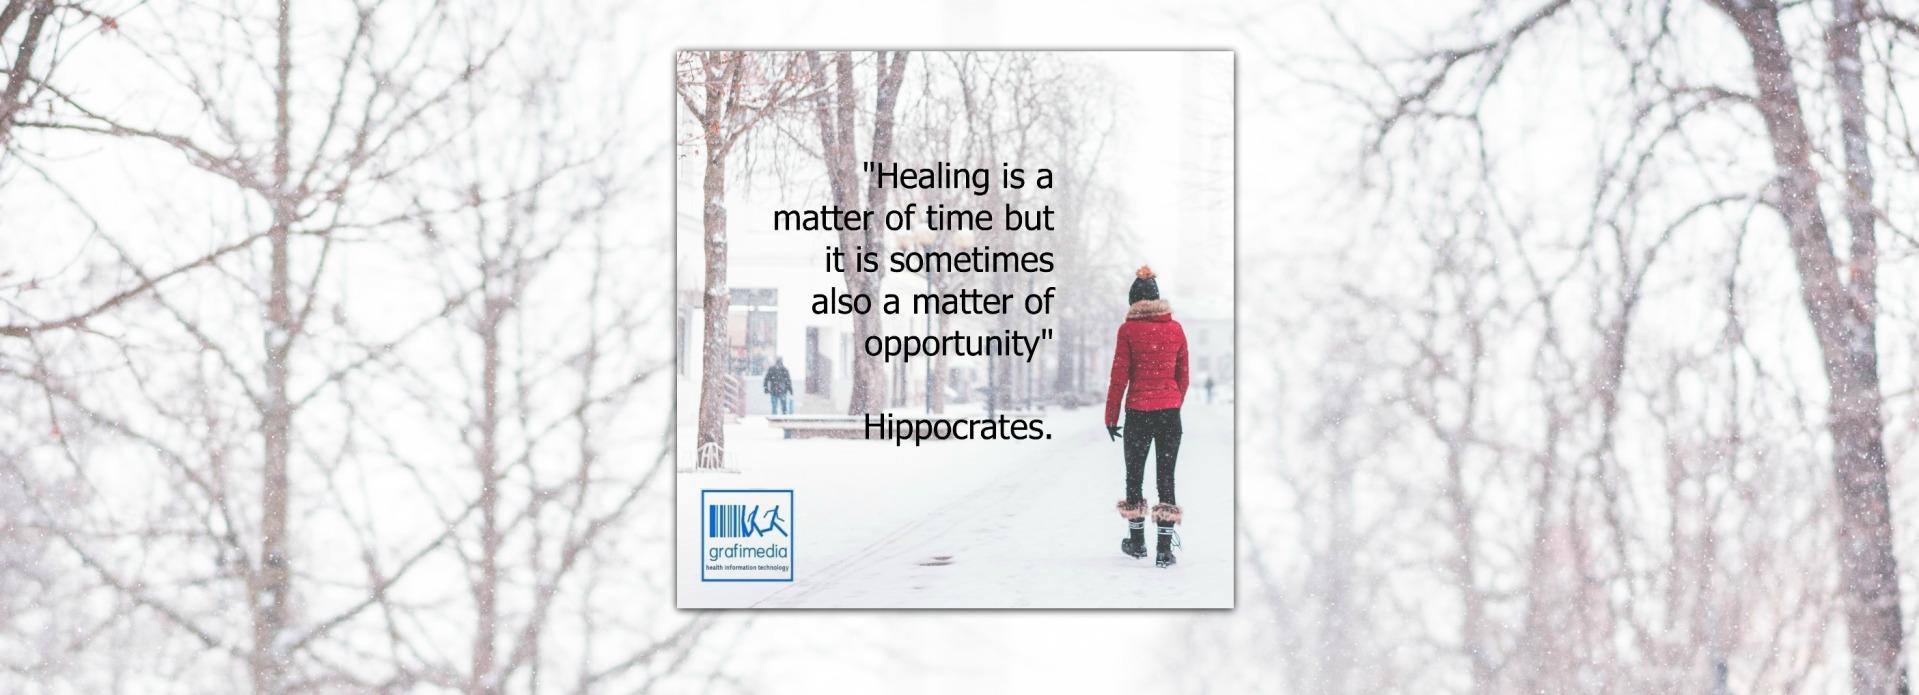 Digital Health Applications by Grafimedia